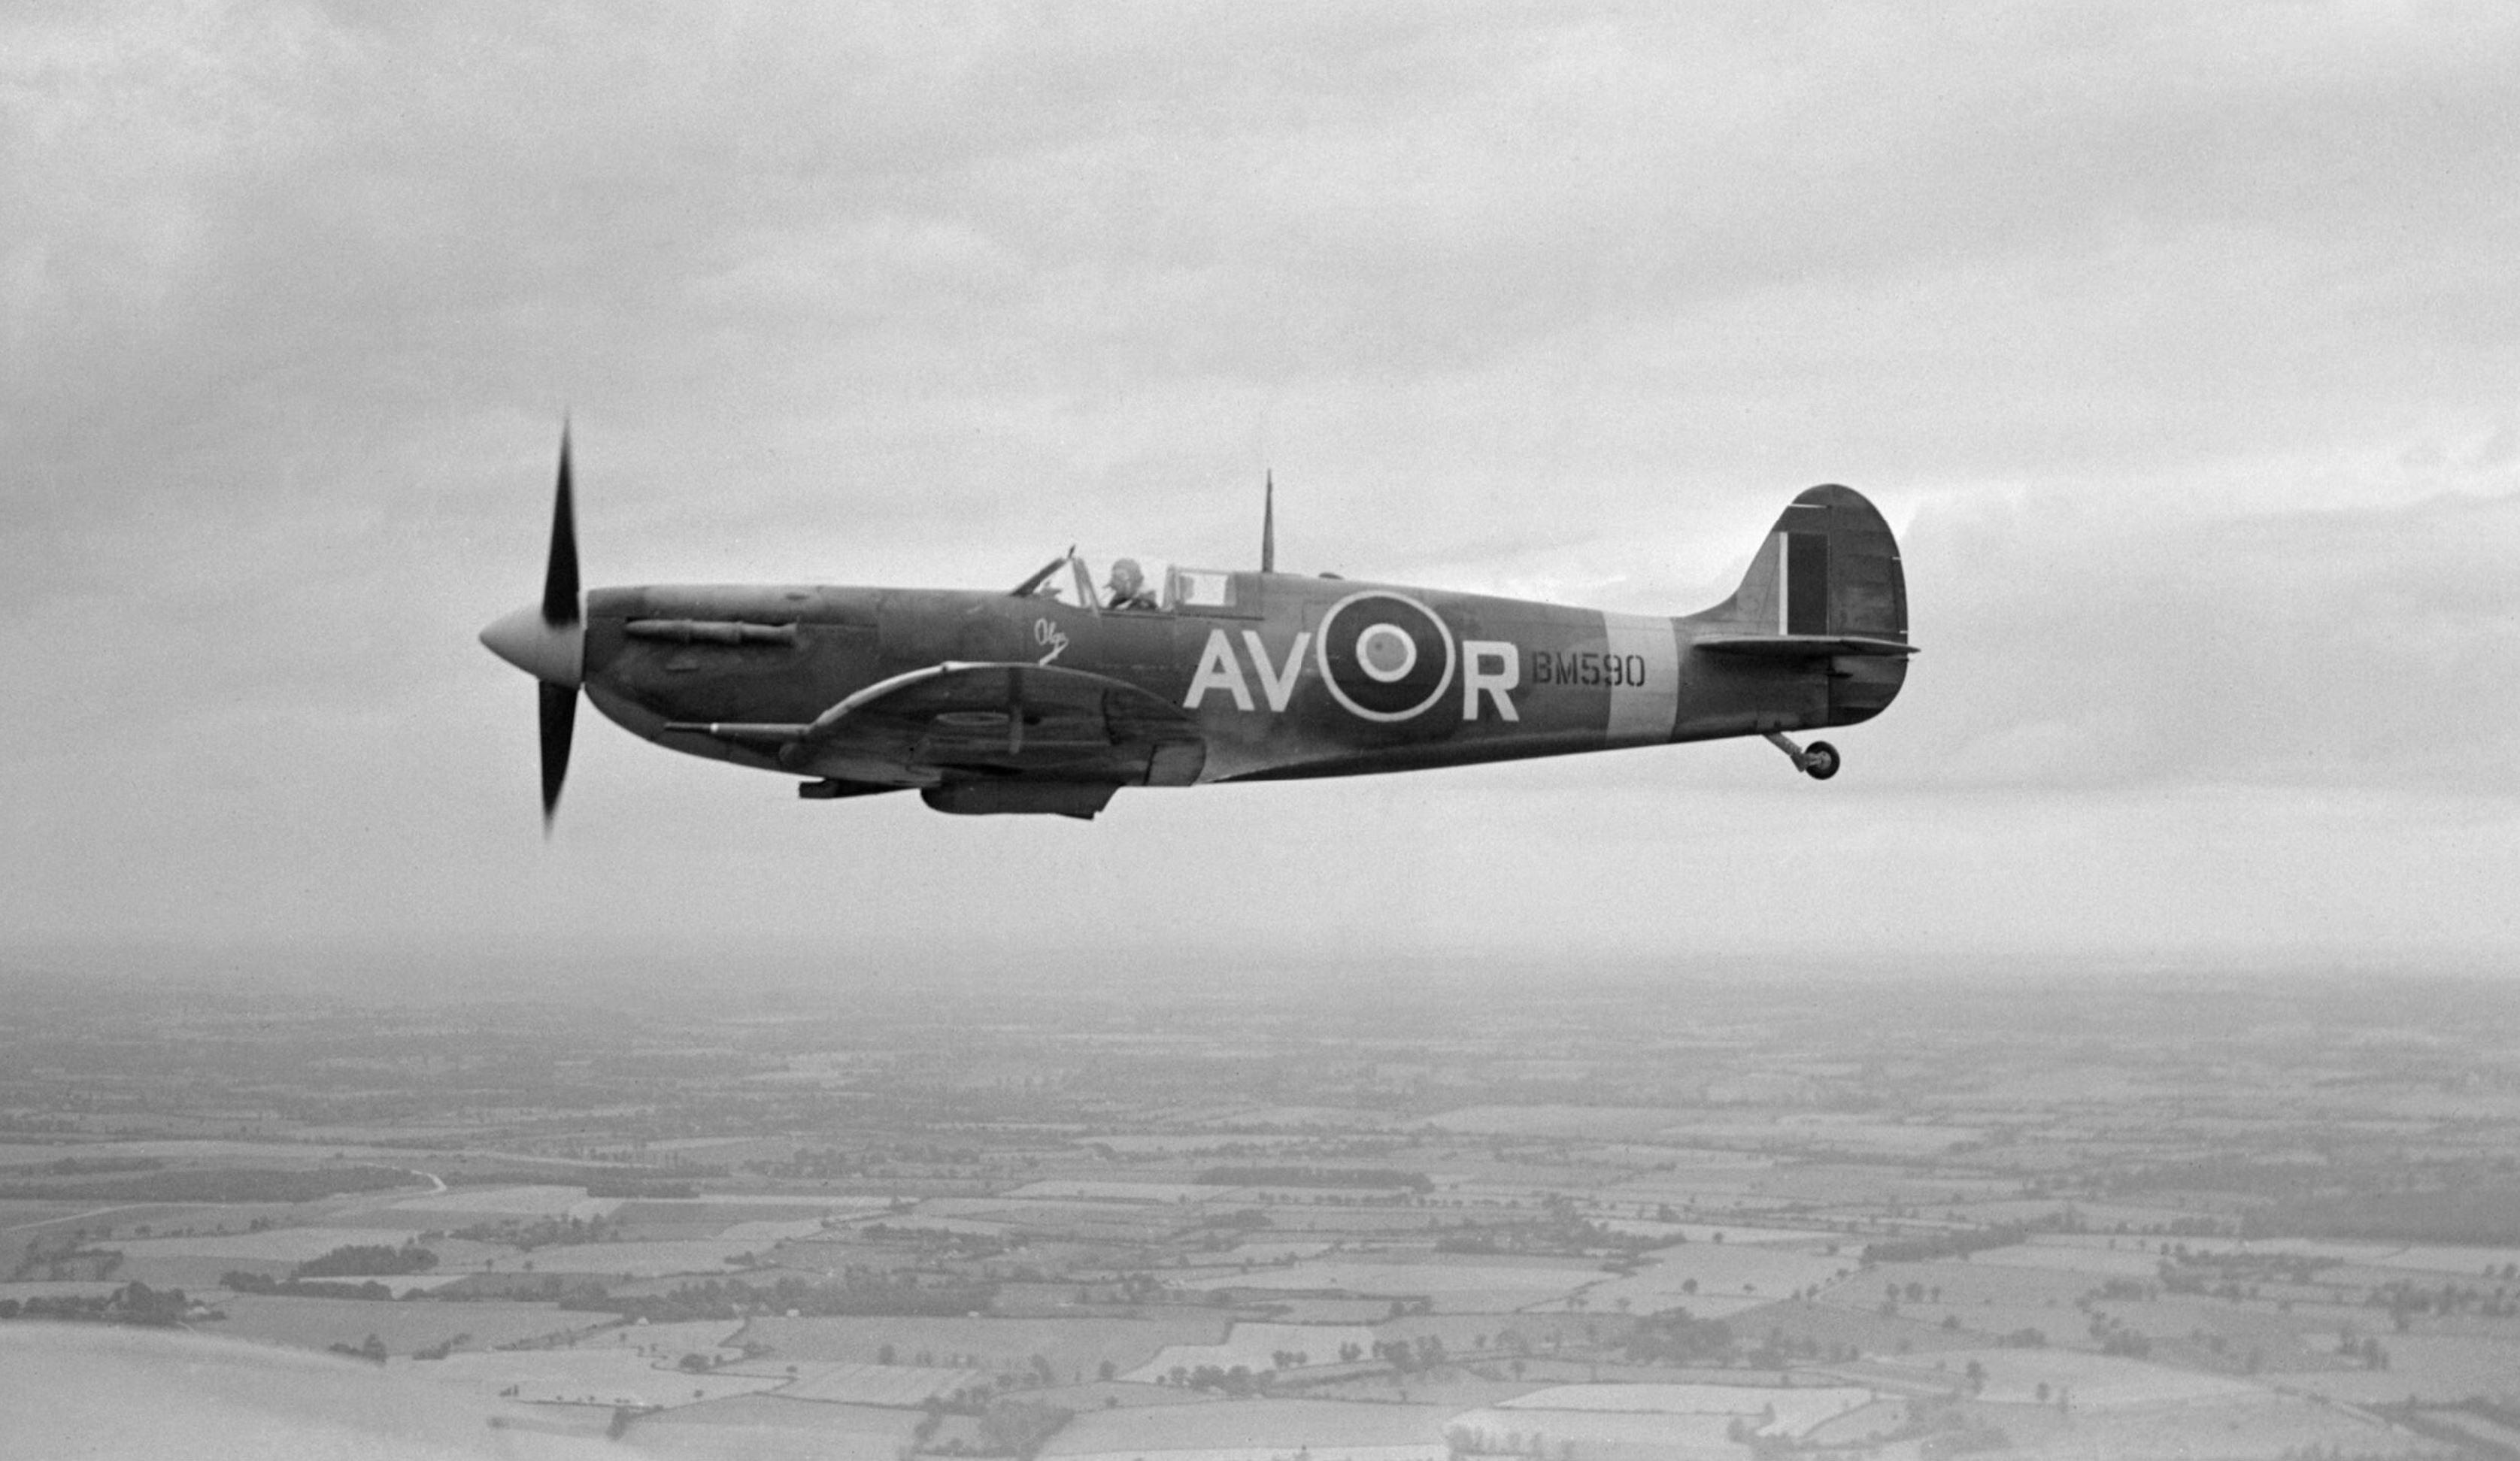 Spitfire MkVb RAF 121Sqn AVR Olg BM590 based at Debden Essex IWM CH7337